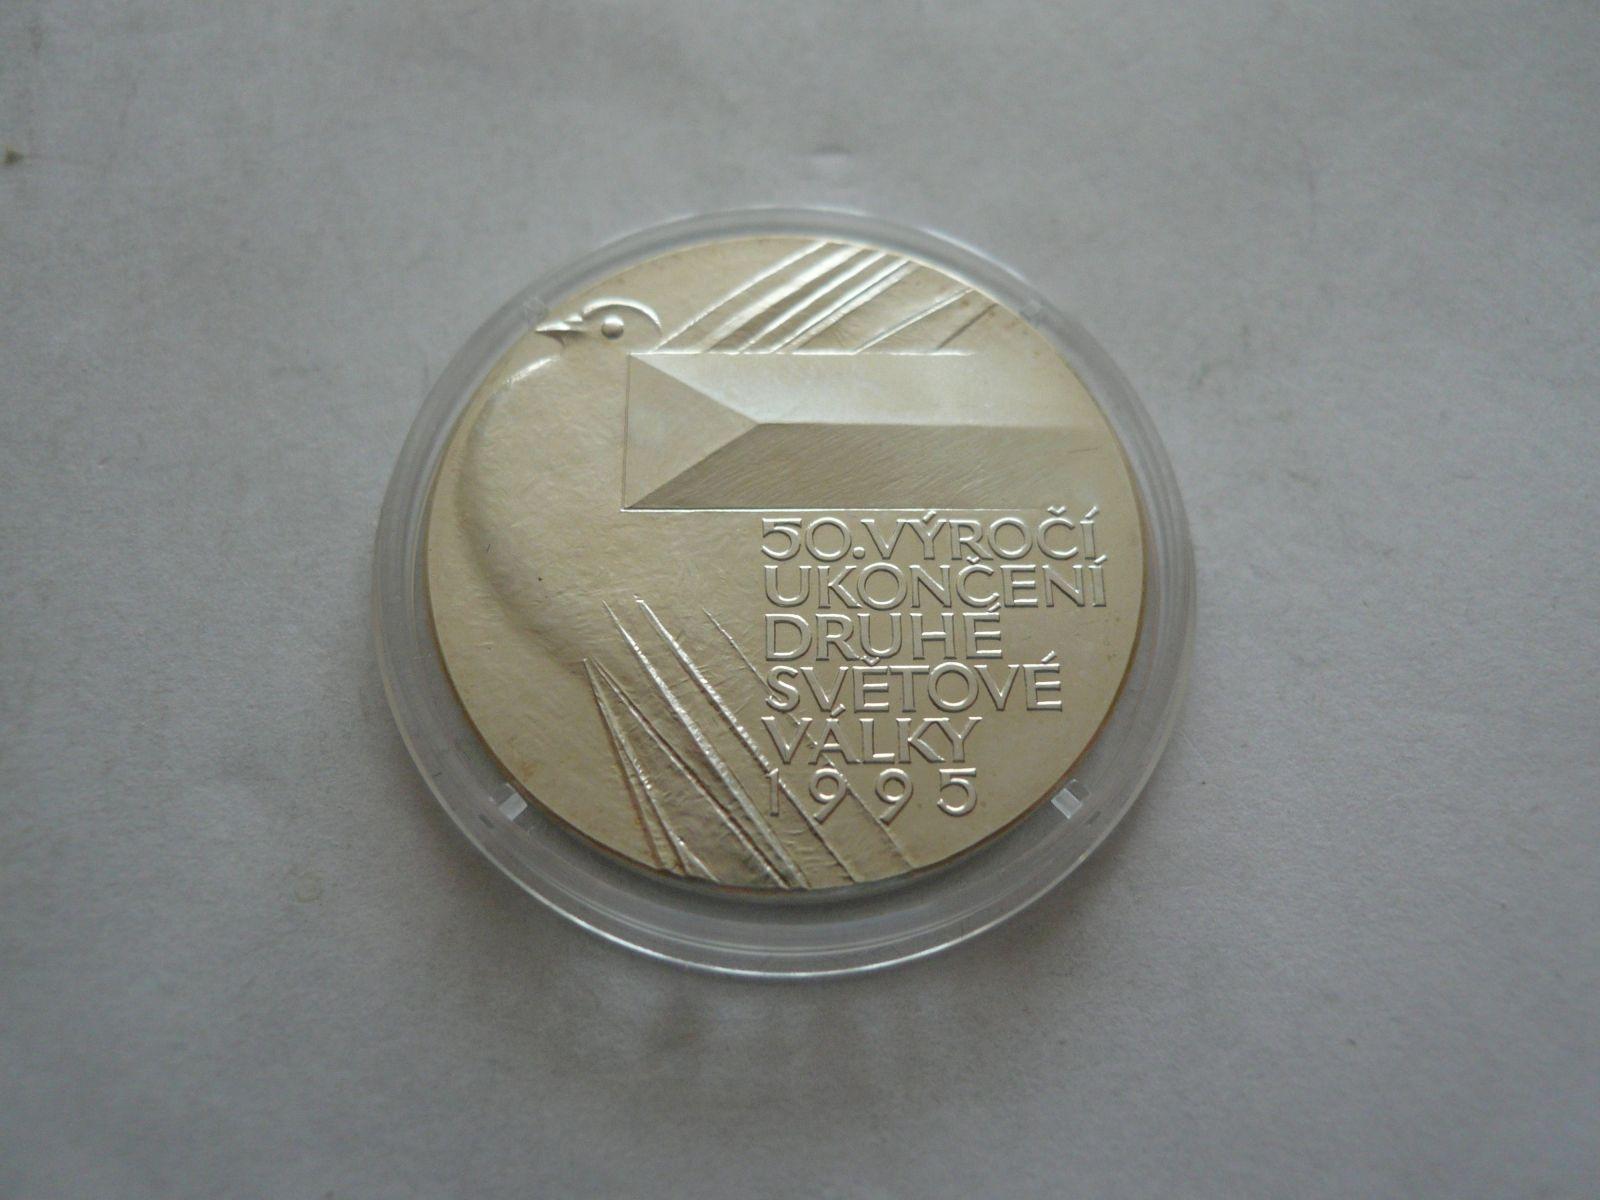 50.výročí 2.sv.války 1995, postříbřená průměr 30mm, ČR